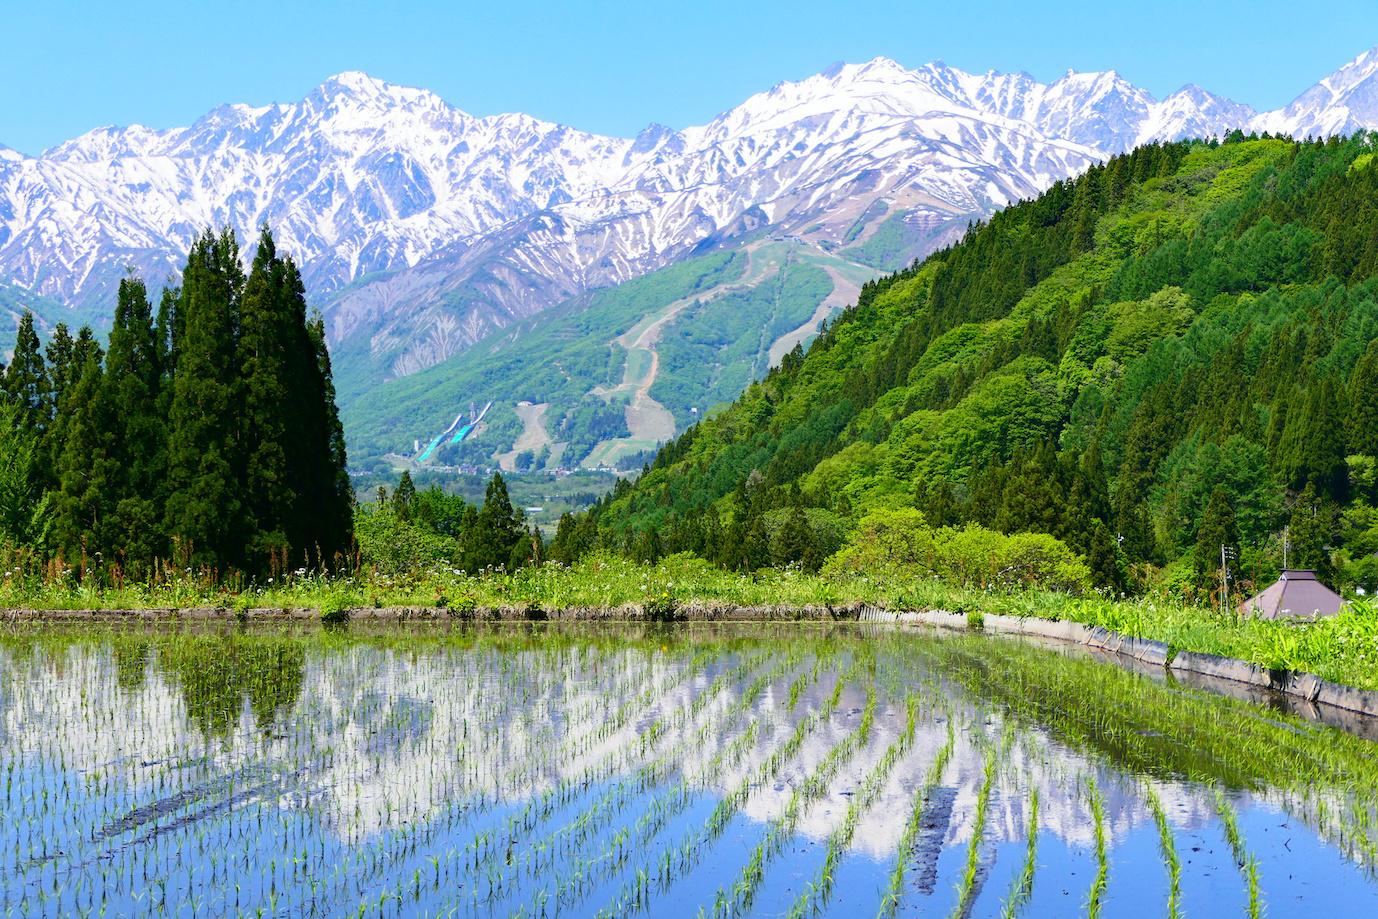 青鬼地区、水田に映る北アルプス。白馬、長野、日本。5月下旬。